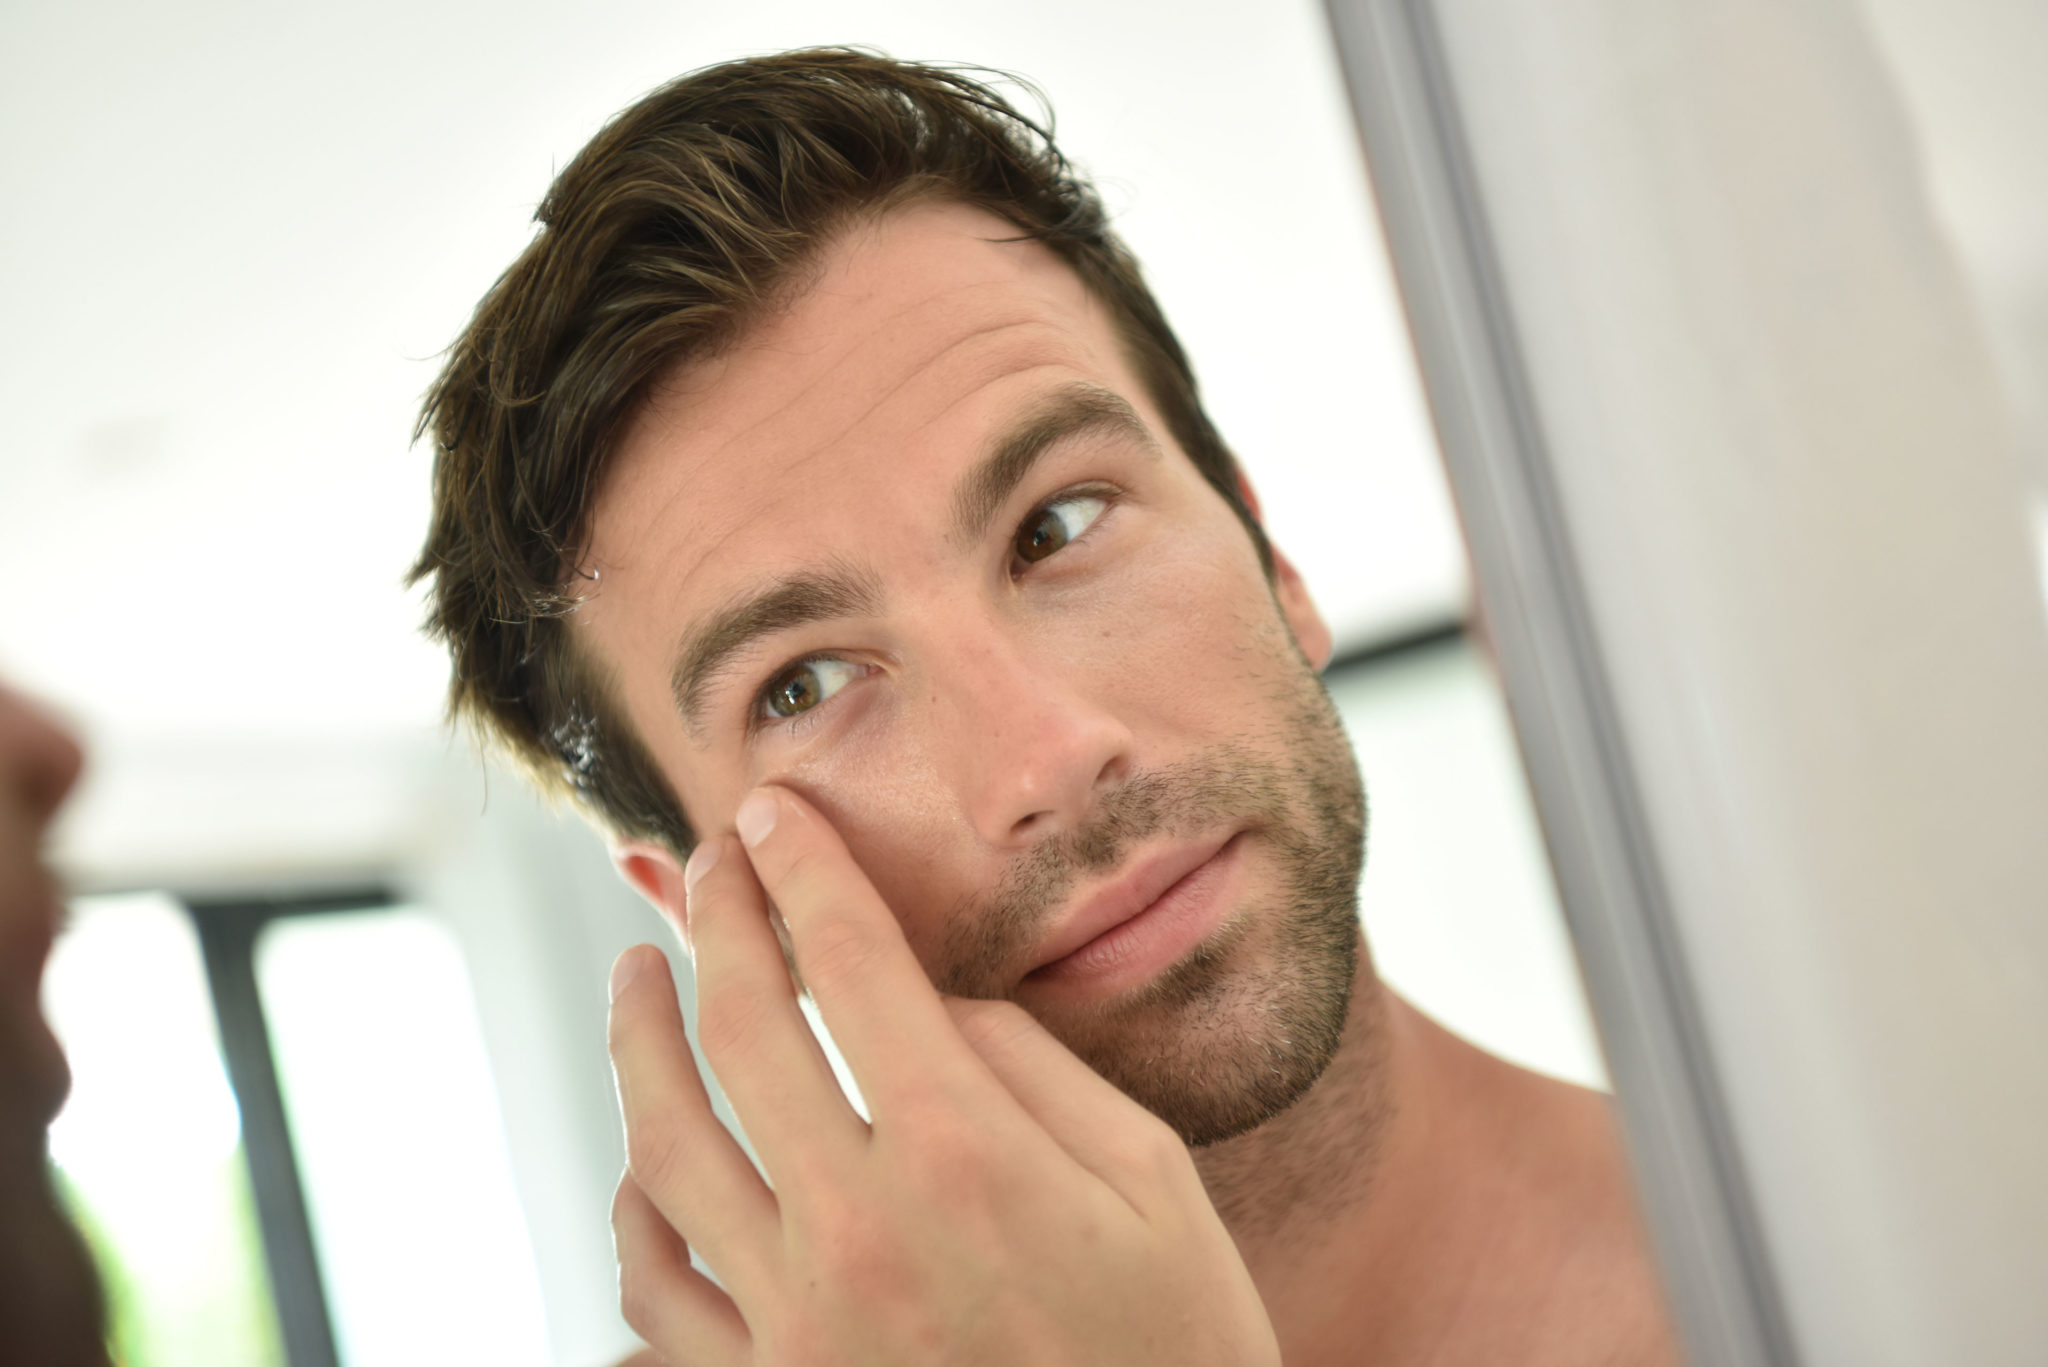 retinol-skin-benefits